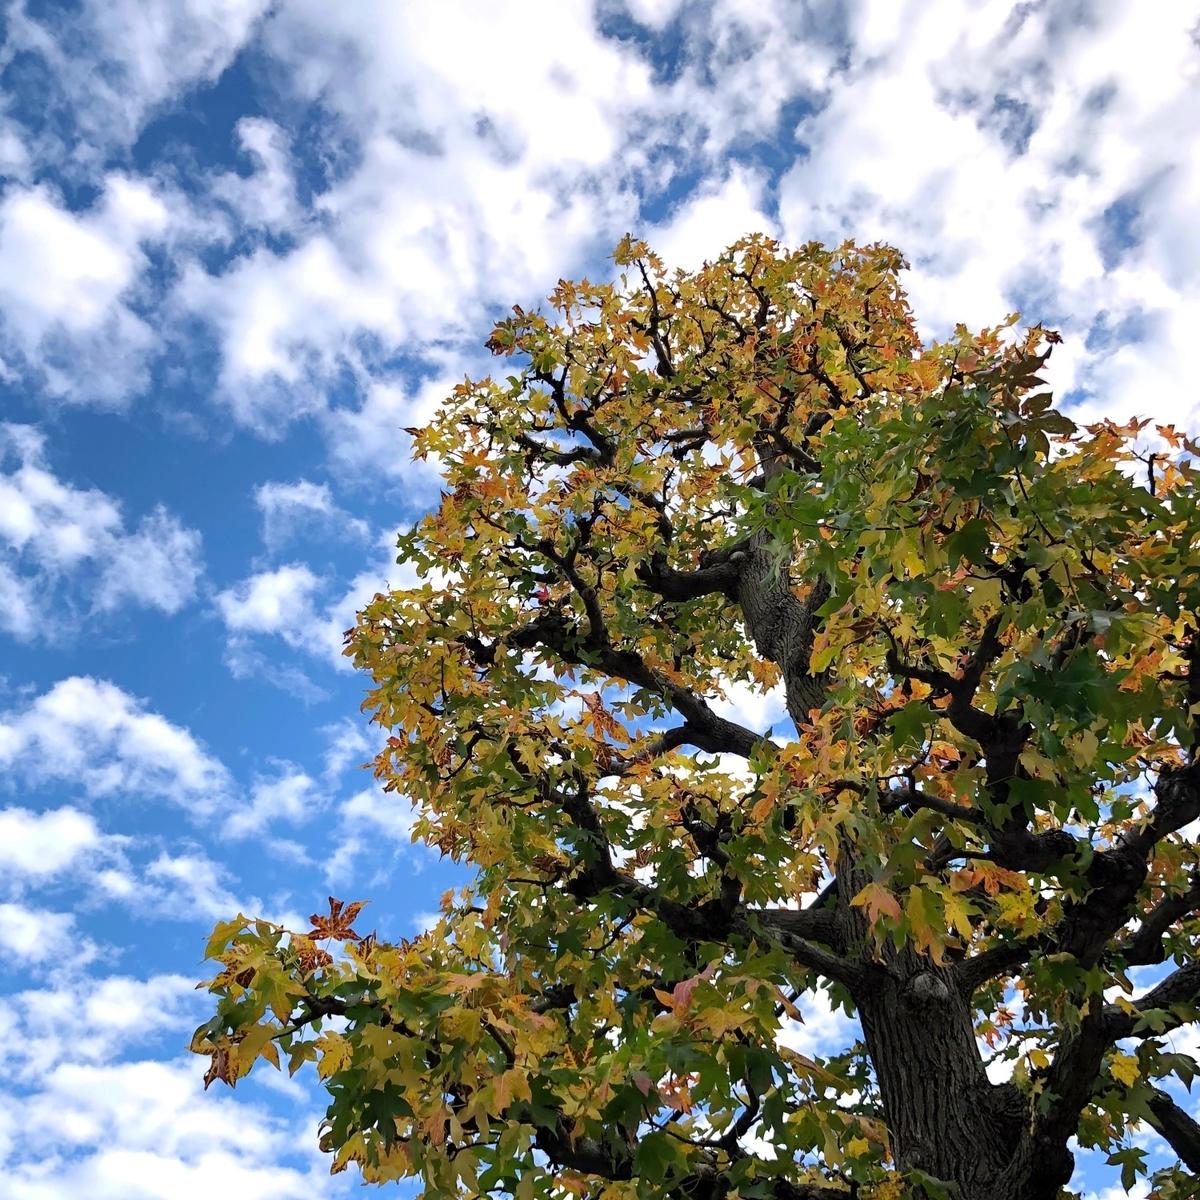 青空に立つ紅葉の木イメージ